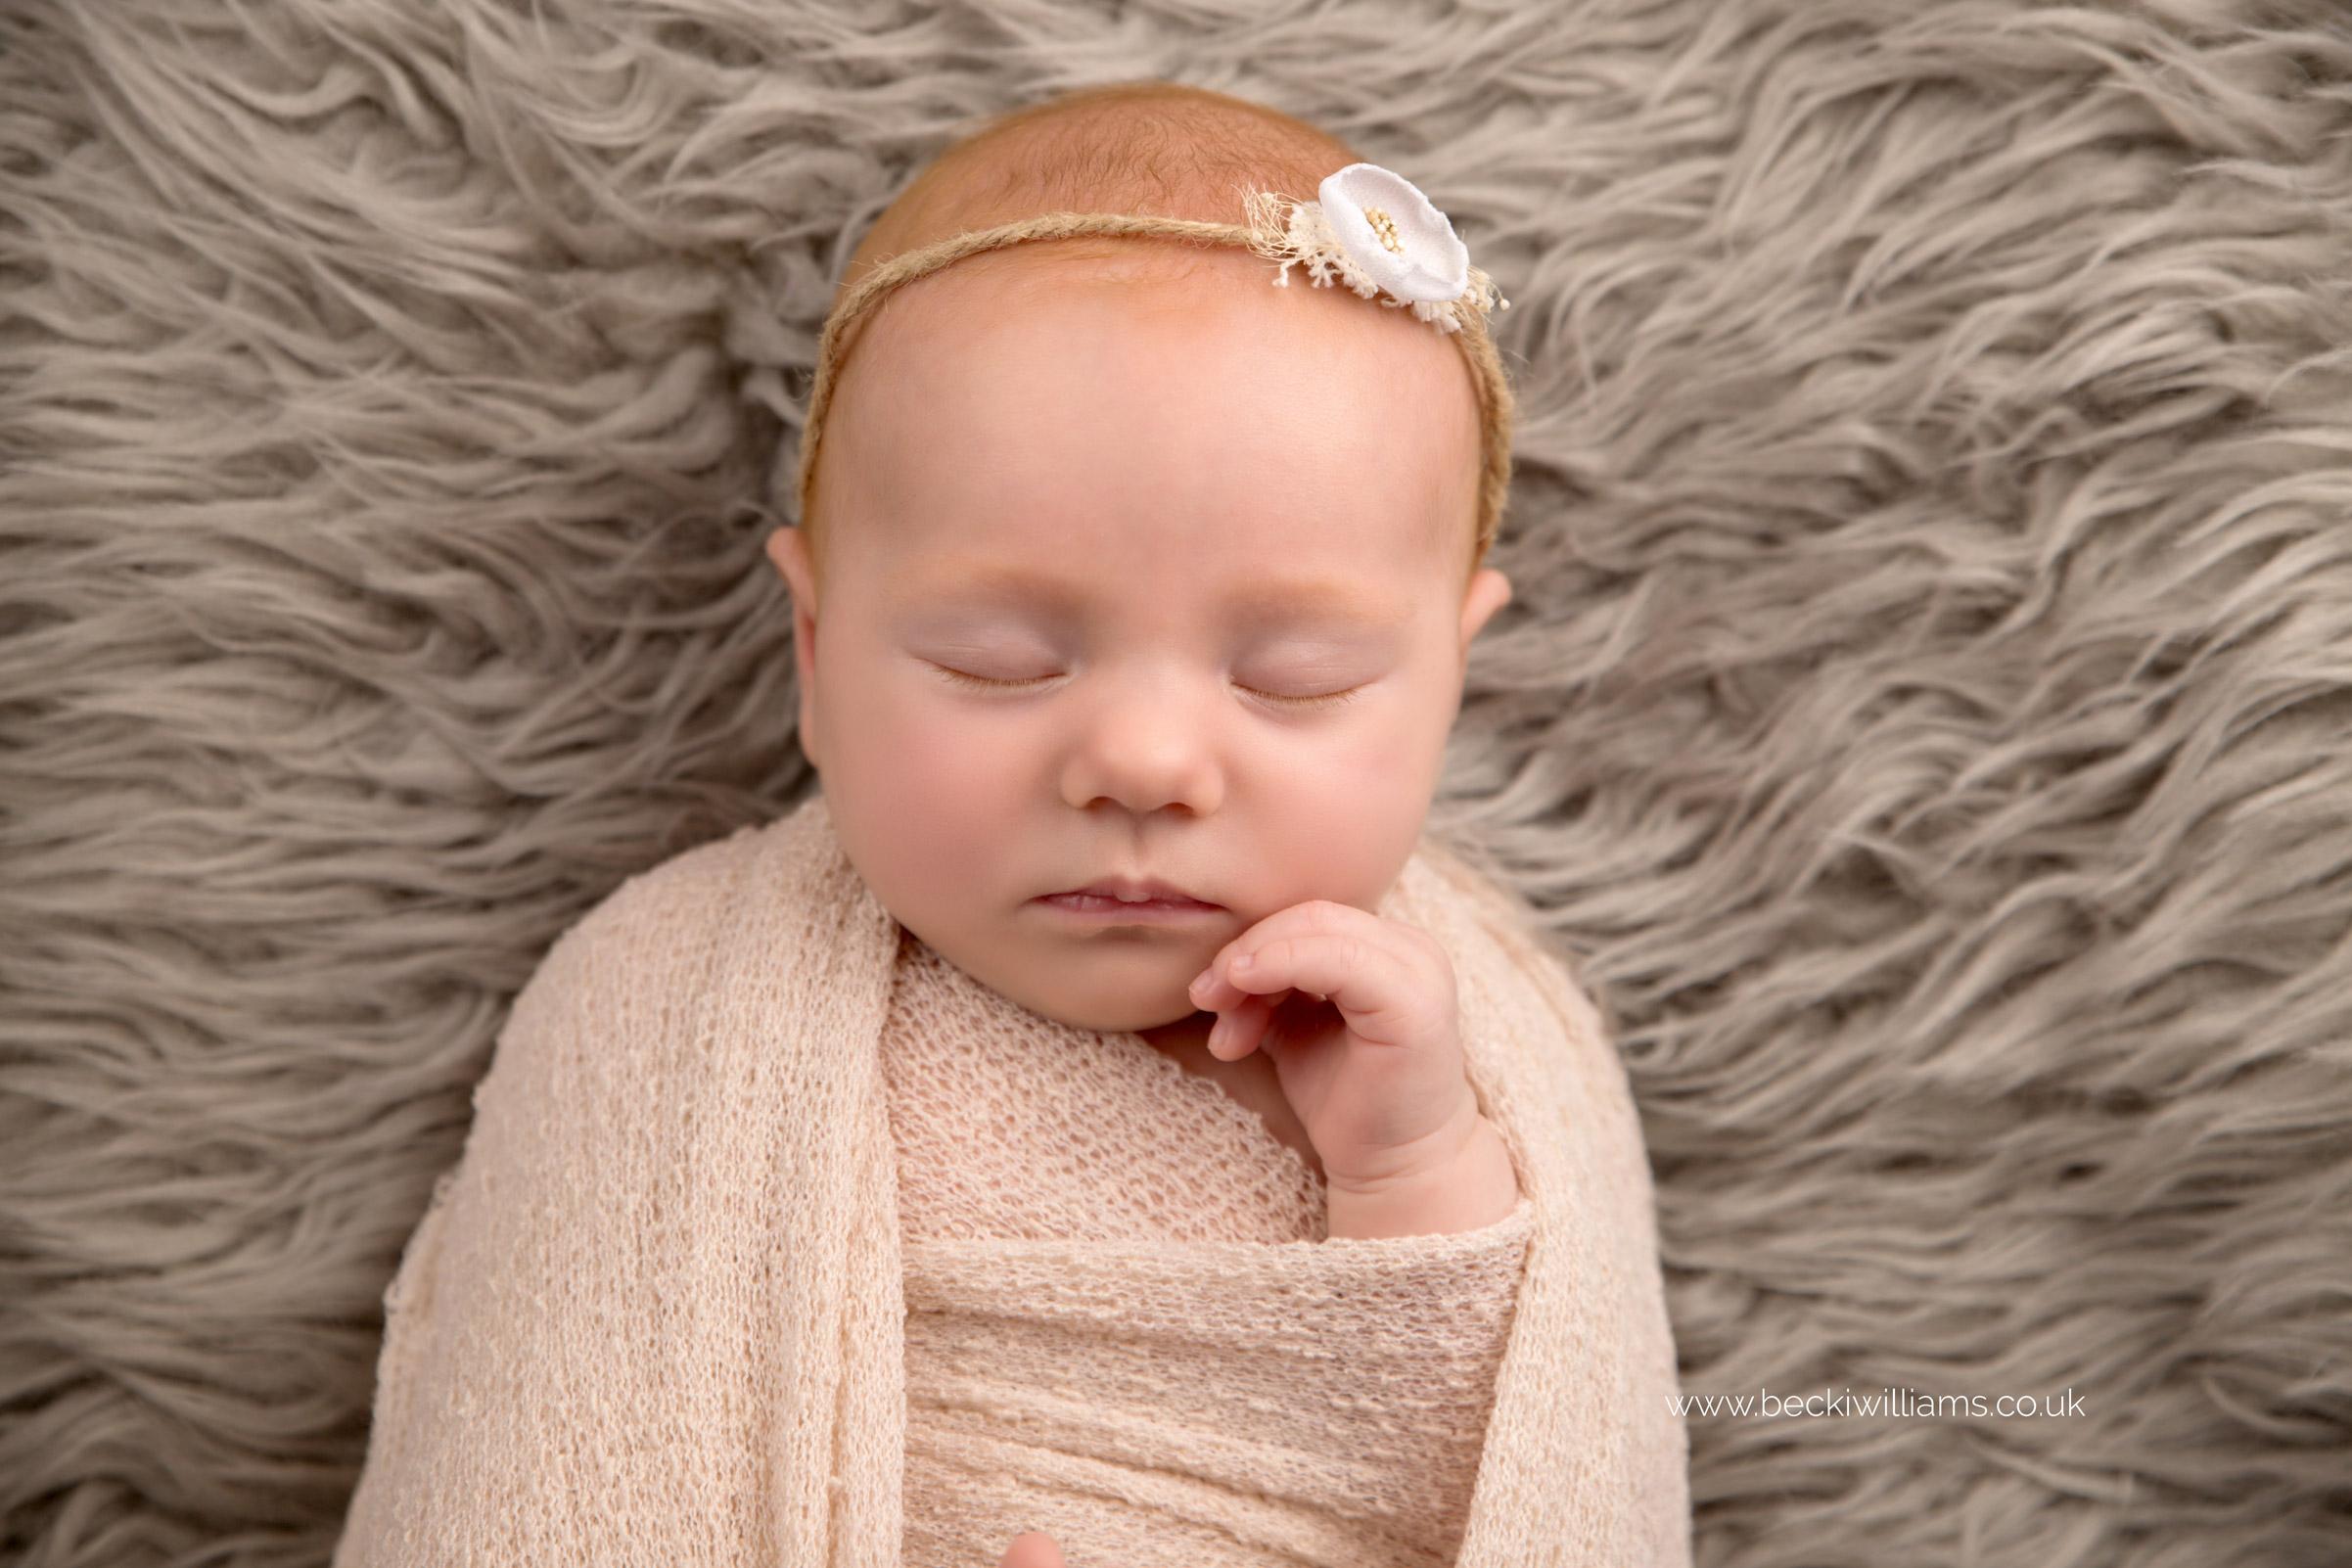 newborn-photographer-in-hertfordshire-wrapped-natural-asleep-neutrals.jpg